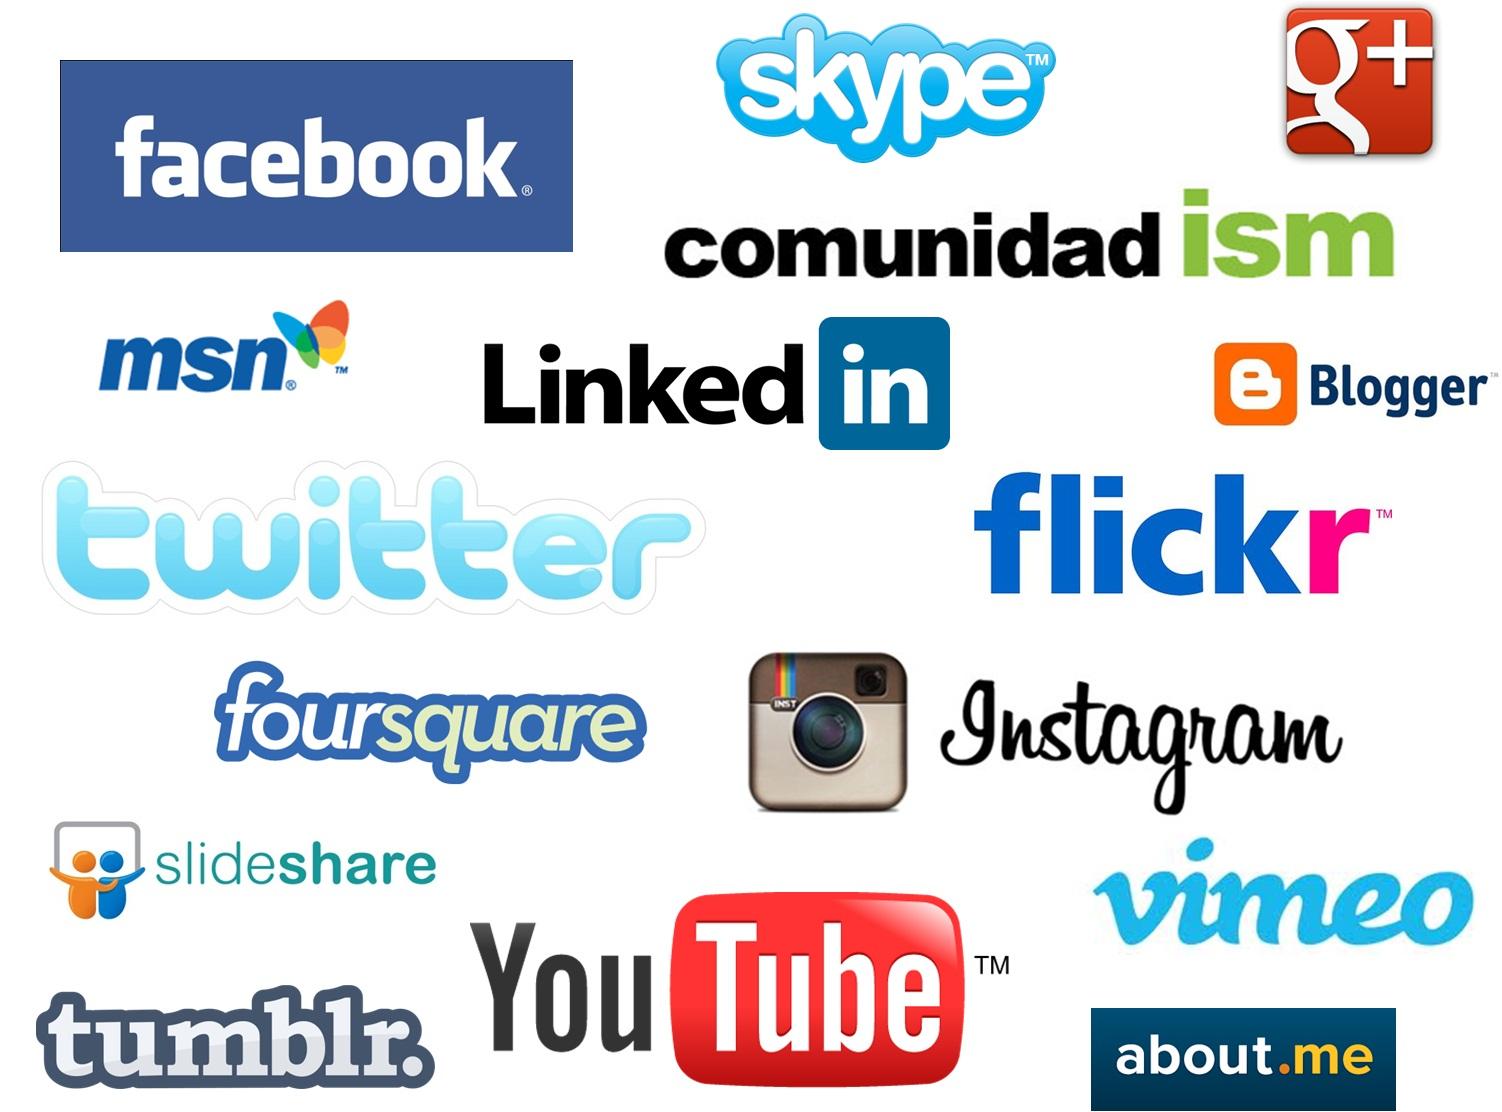 narrta_redes-sociales